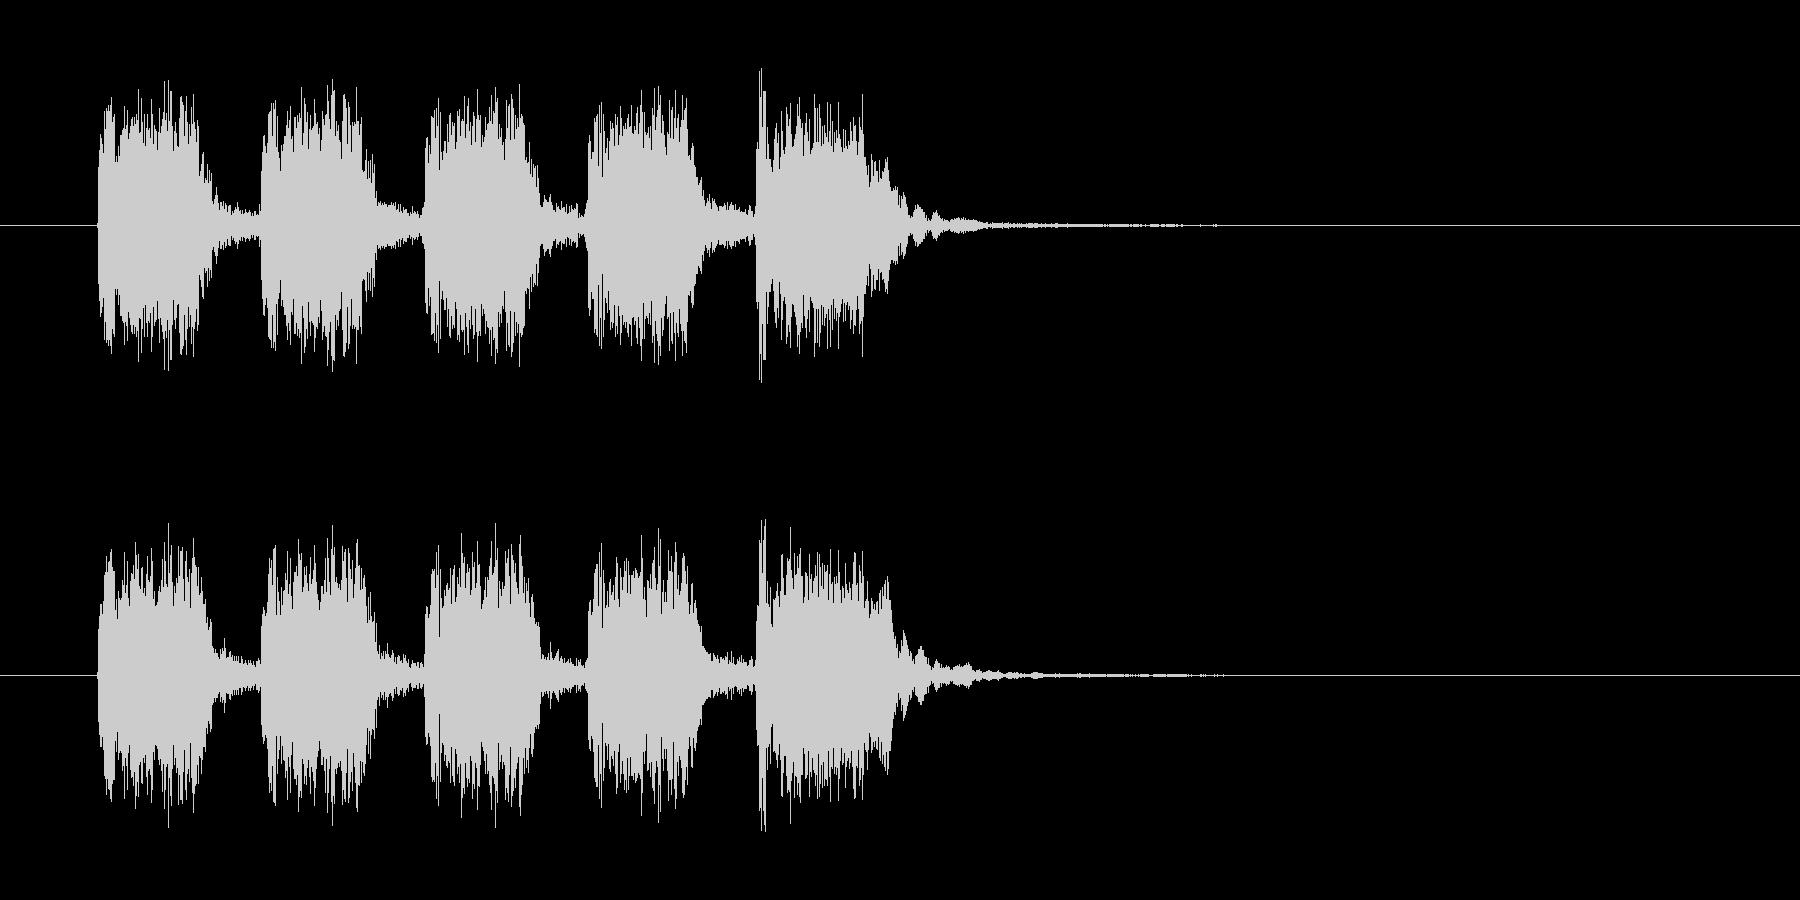 シンプルなリズムを刻んだギター曲の未再生の波形